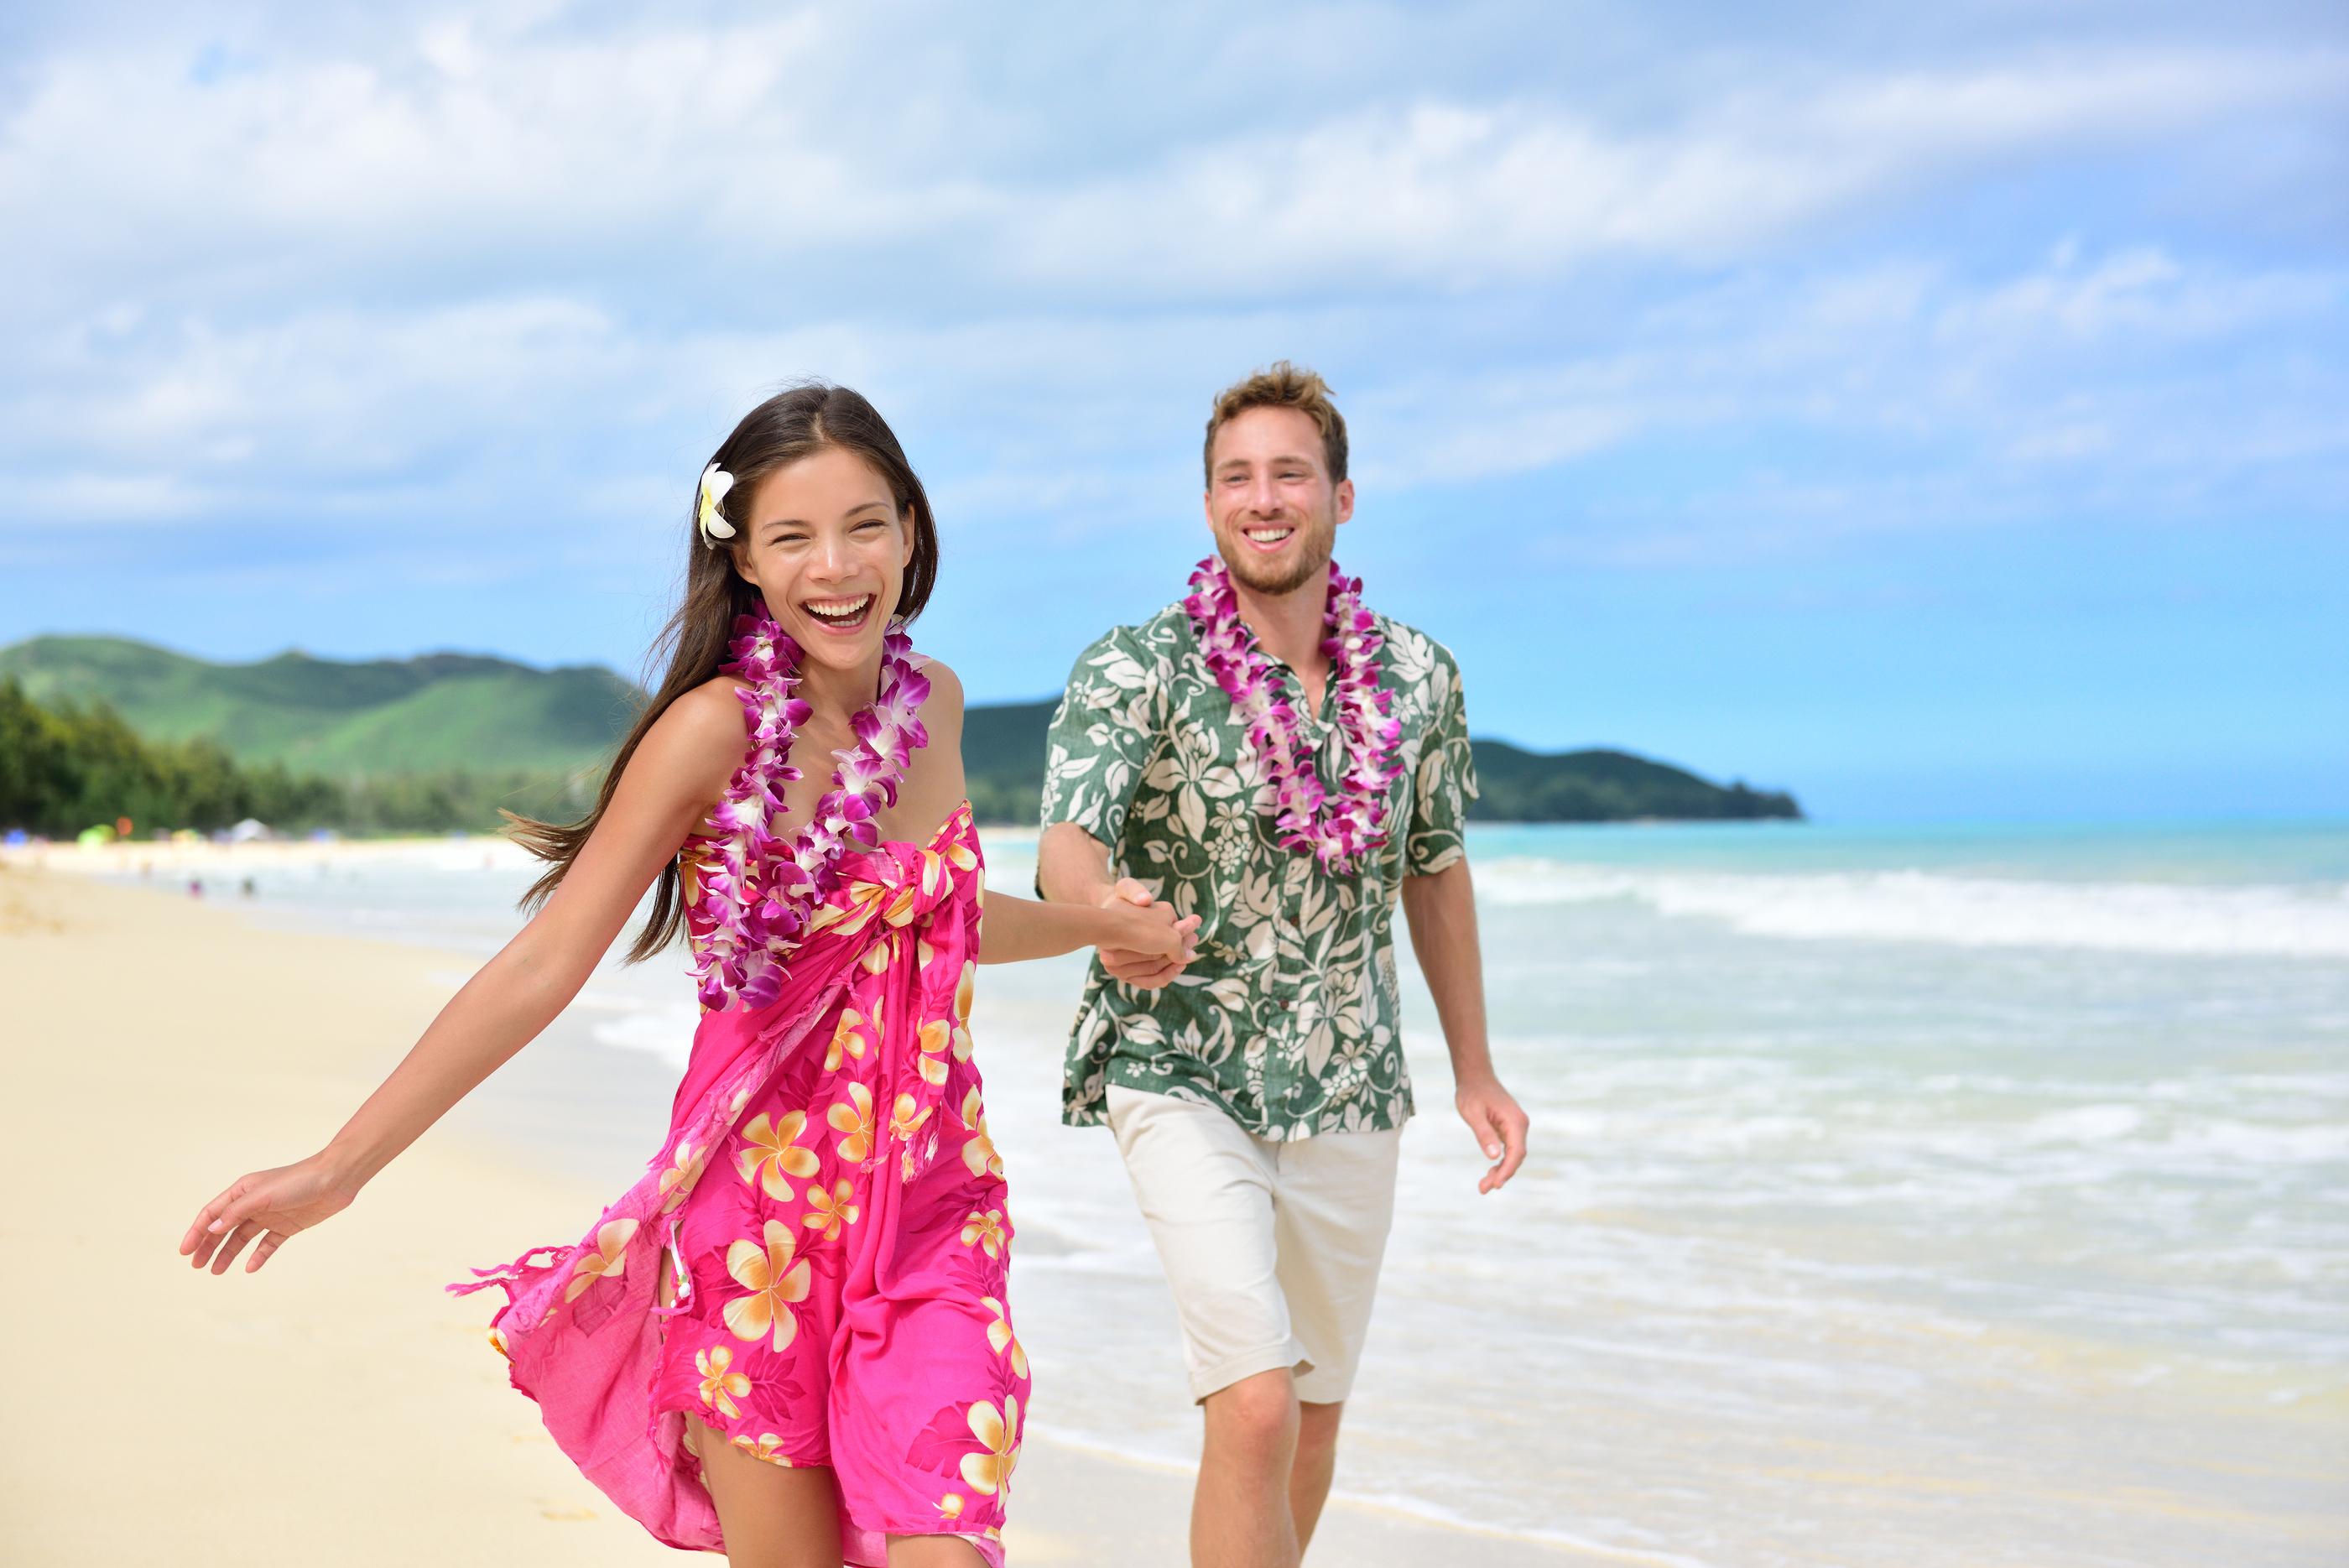 Happy couple having fun running on Hawaii beach vacations in Hawaiian clothing wearing Aloha shirt a